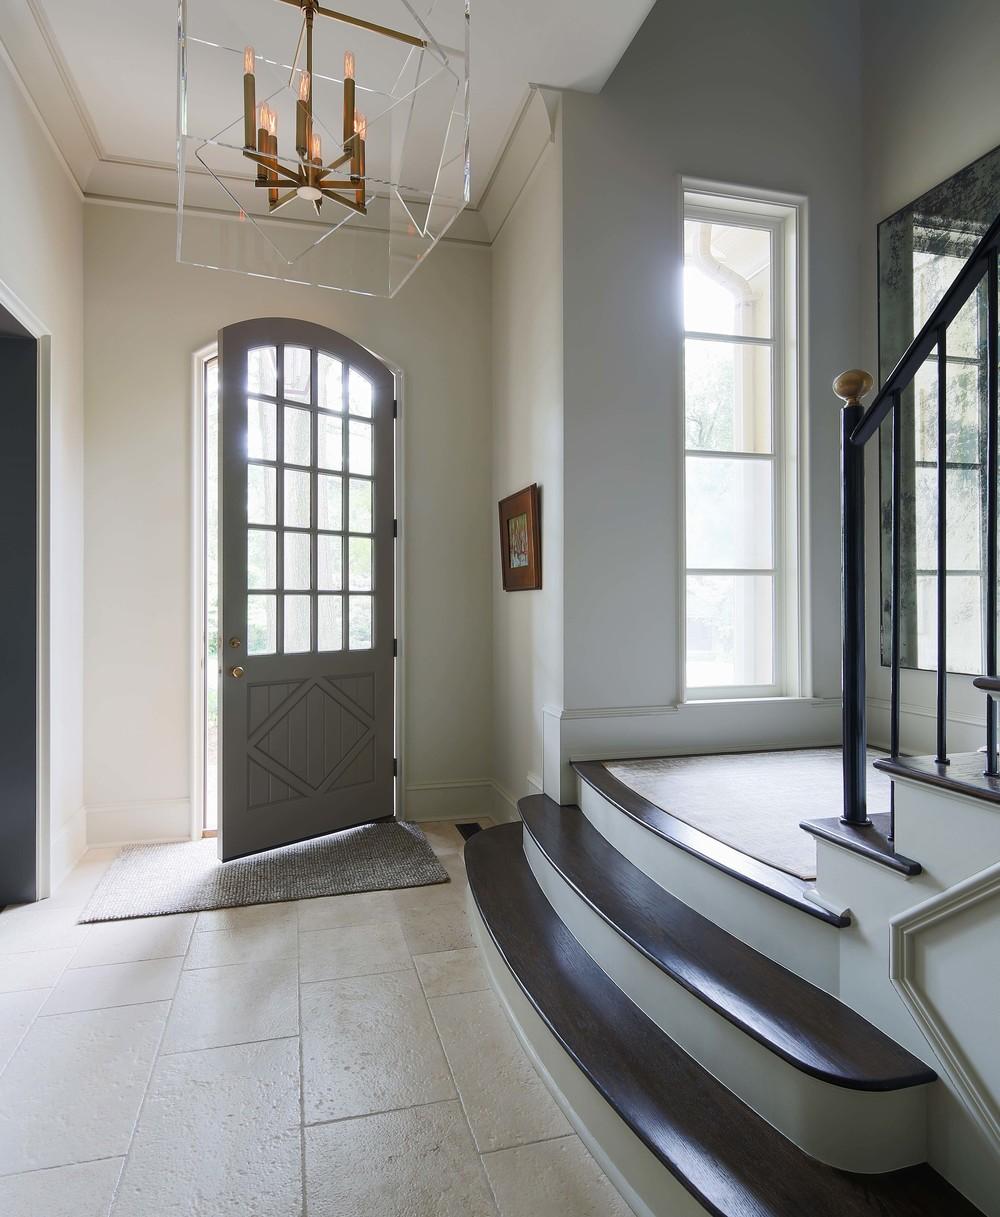 Coker_Entryway_Stairs_4.jpg